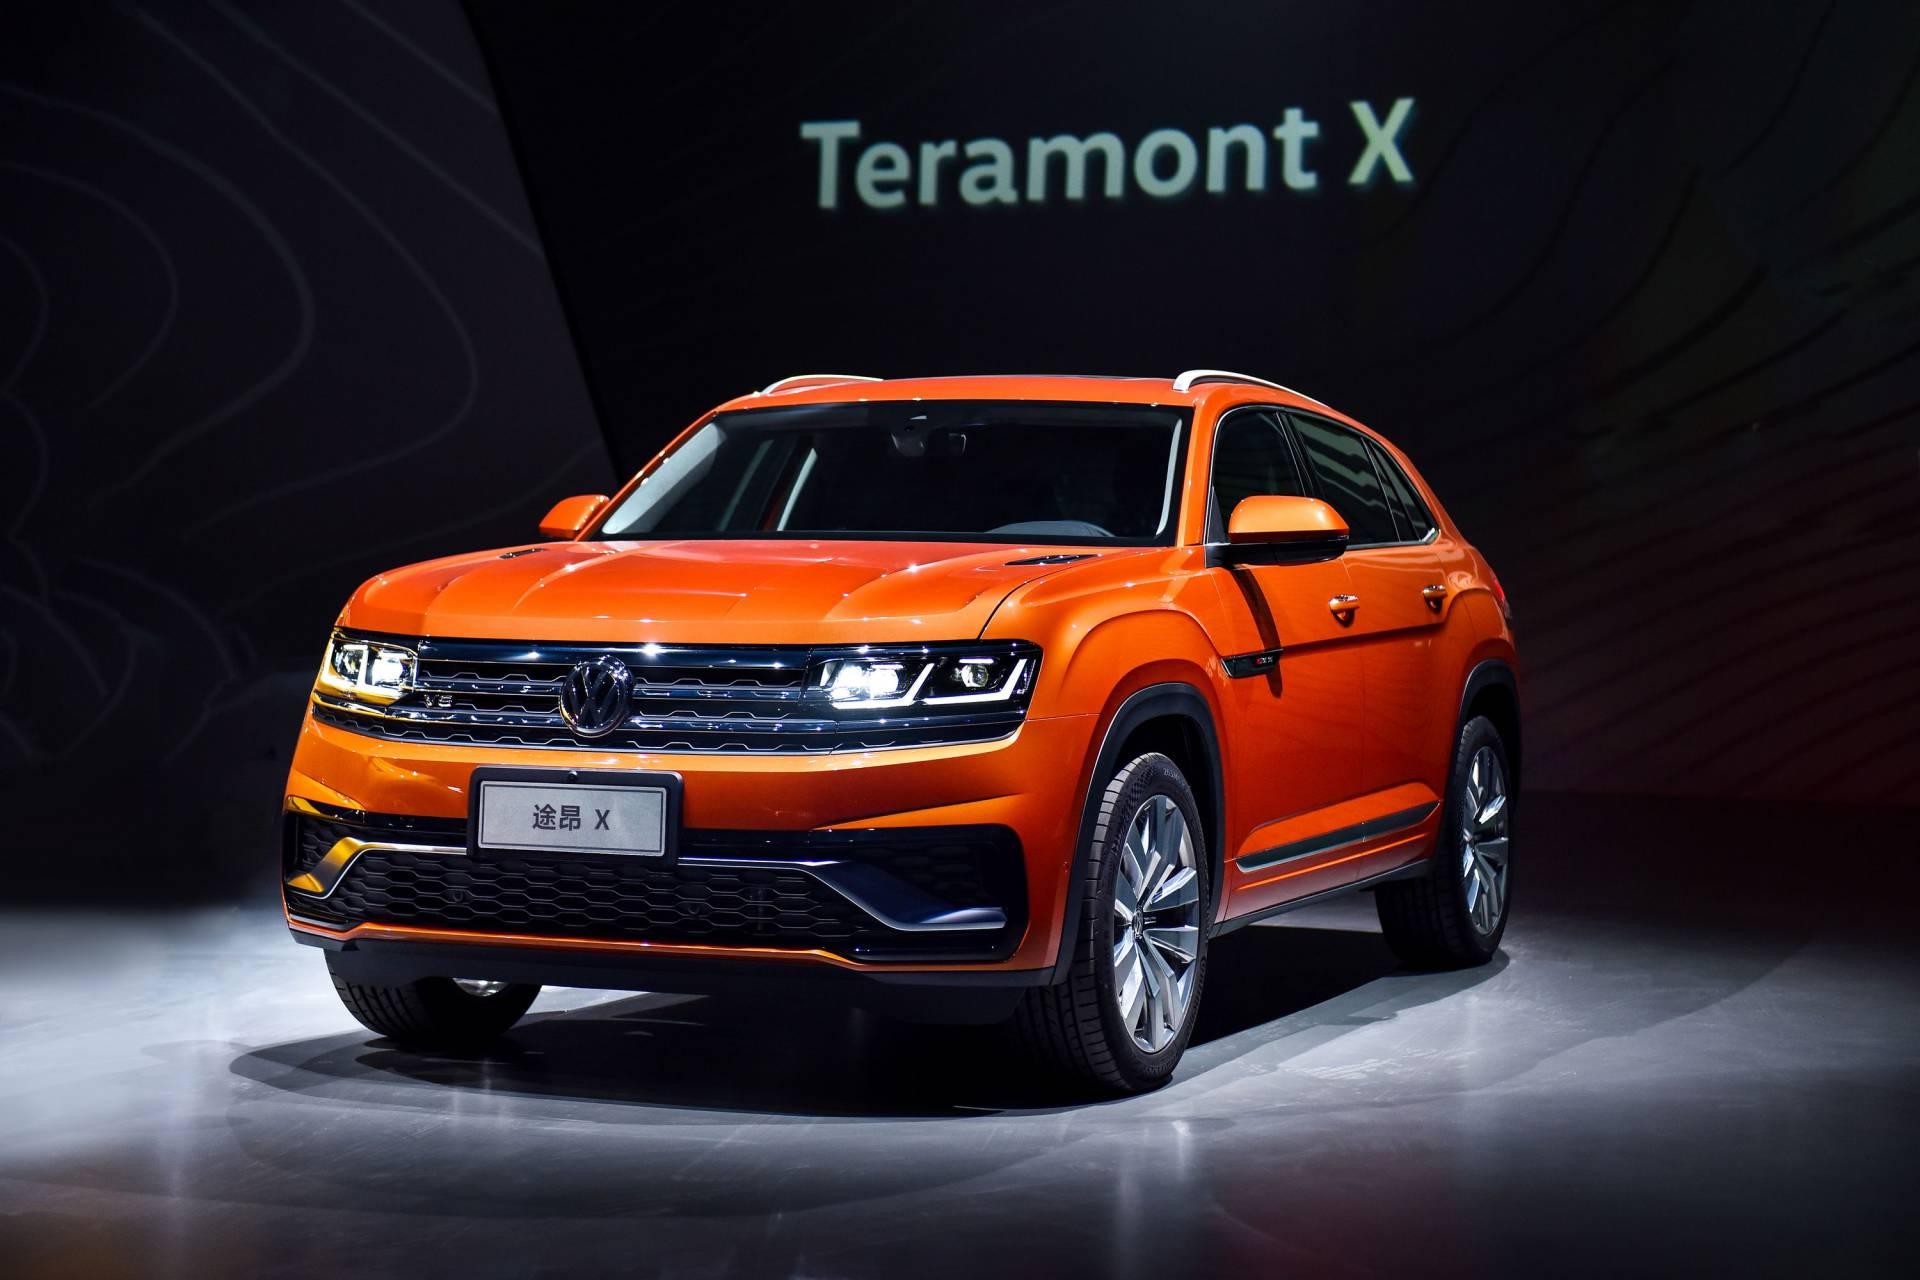 На специальном мероприятии в Китае немецкий автогигант «Фольксваген» презентовал кроссы в купеобразном кузове – Teramont X и SUV Coupe